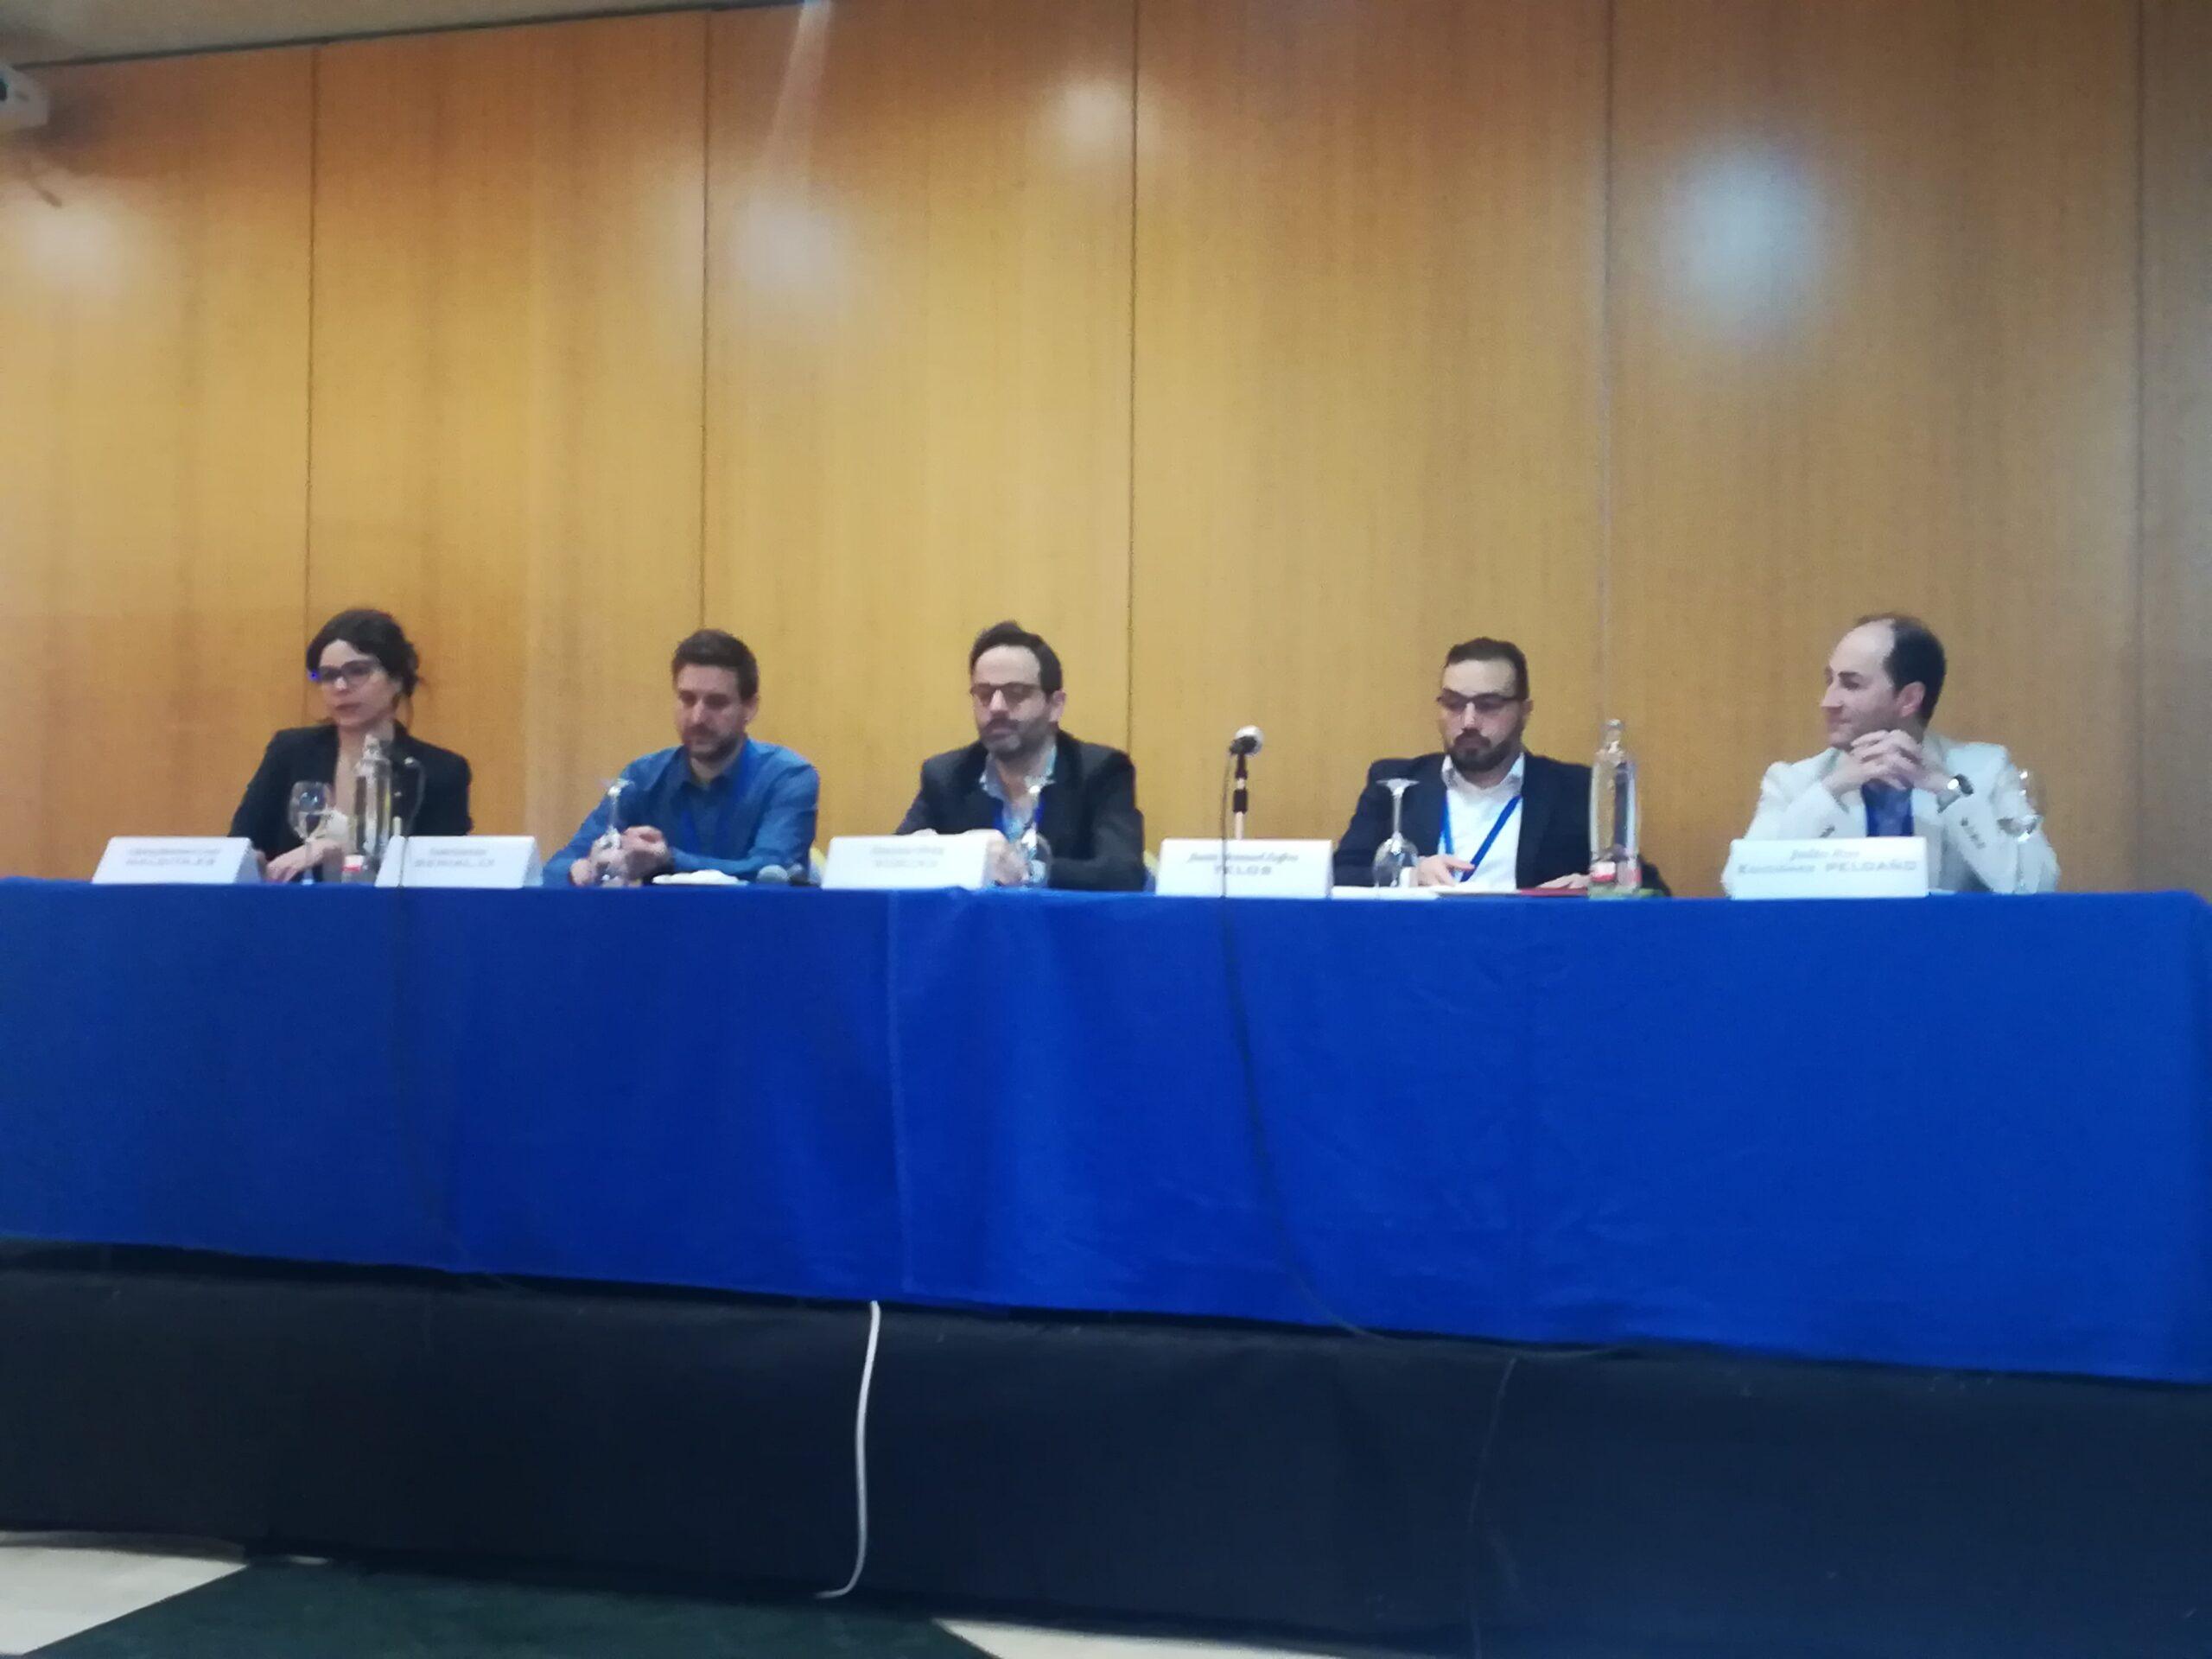 De izquierda a derecha, Clara Jiménez Cruz, Luis García, Antonio Ortiz, Juan Manuel Zafra y Julio Ros.